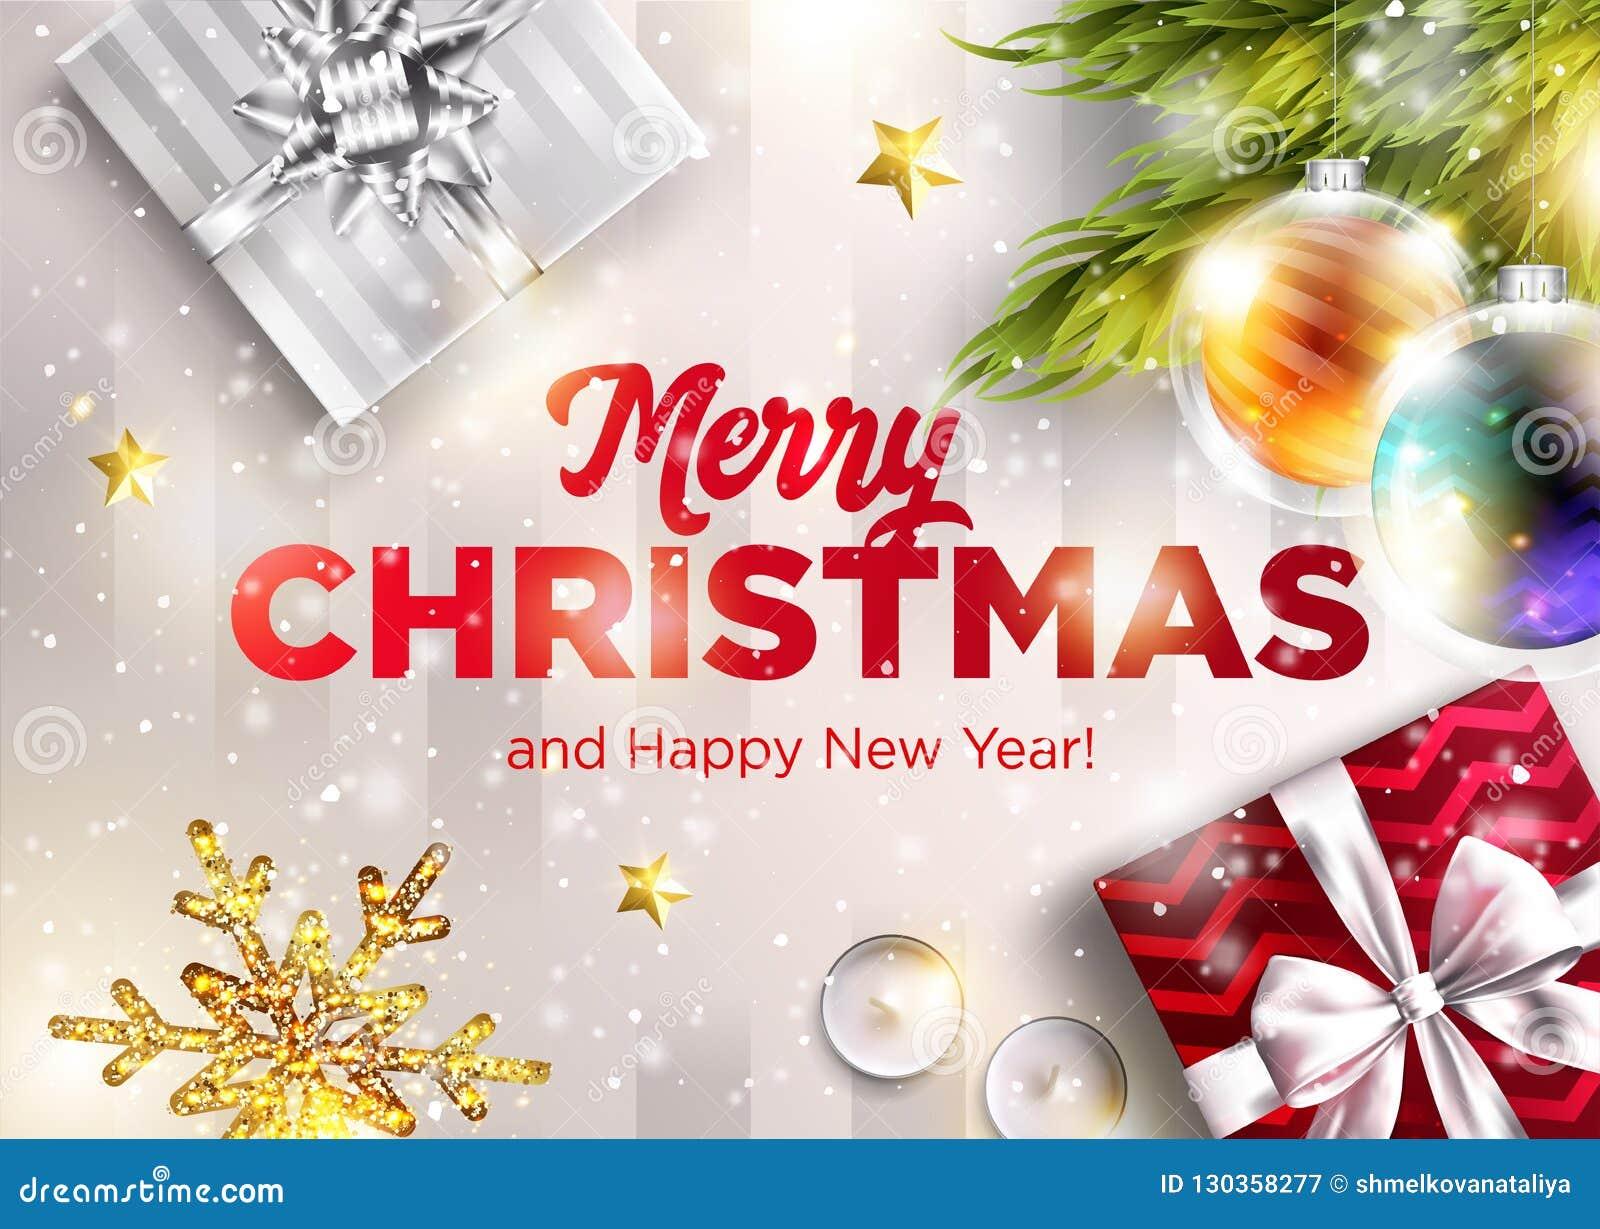 Immagini Auguri Natale 2019.Cartolina D Auguri Di Vettore Di Buon Natale Buon Anno 2019